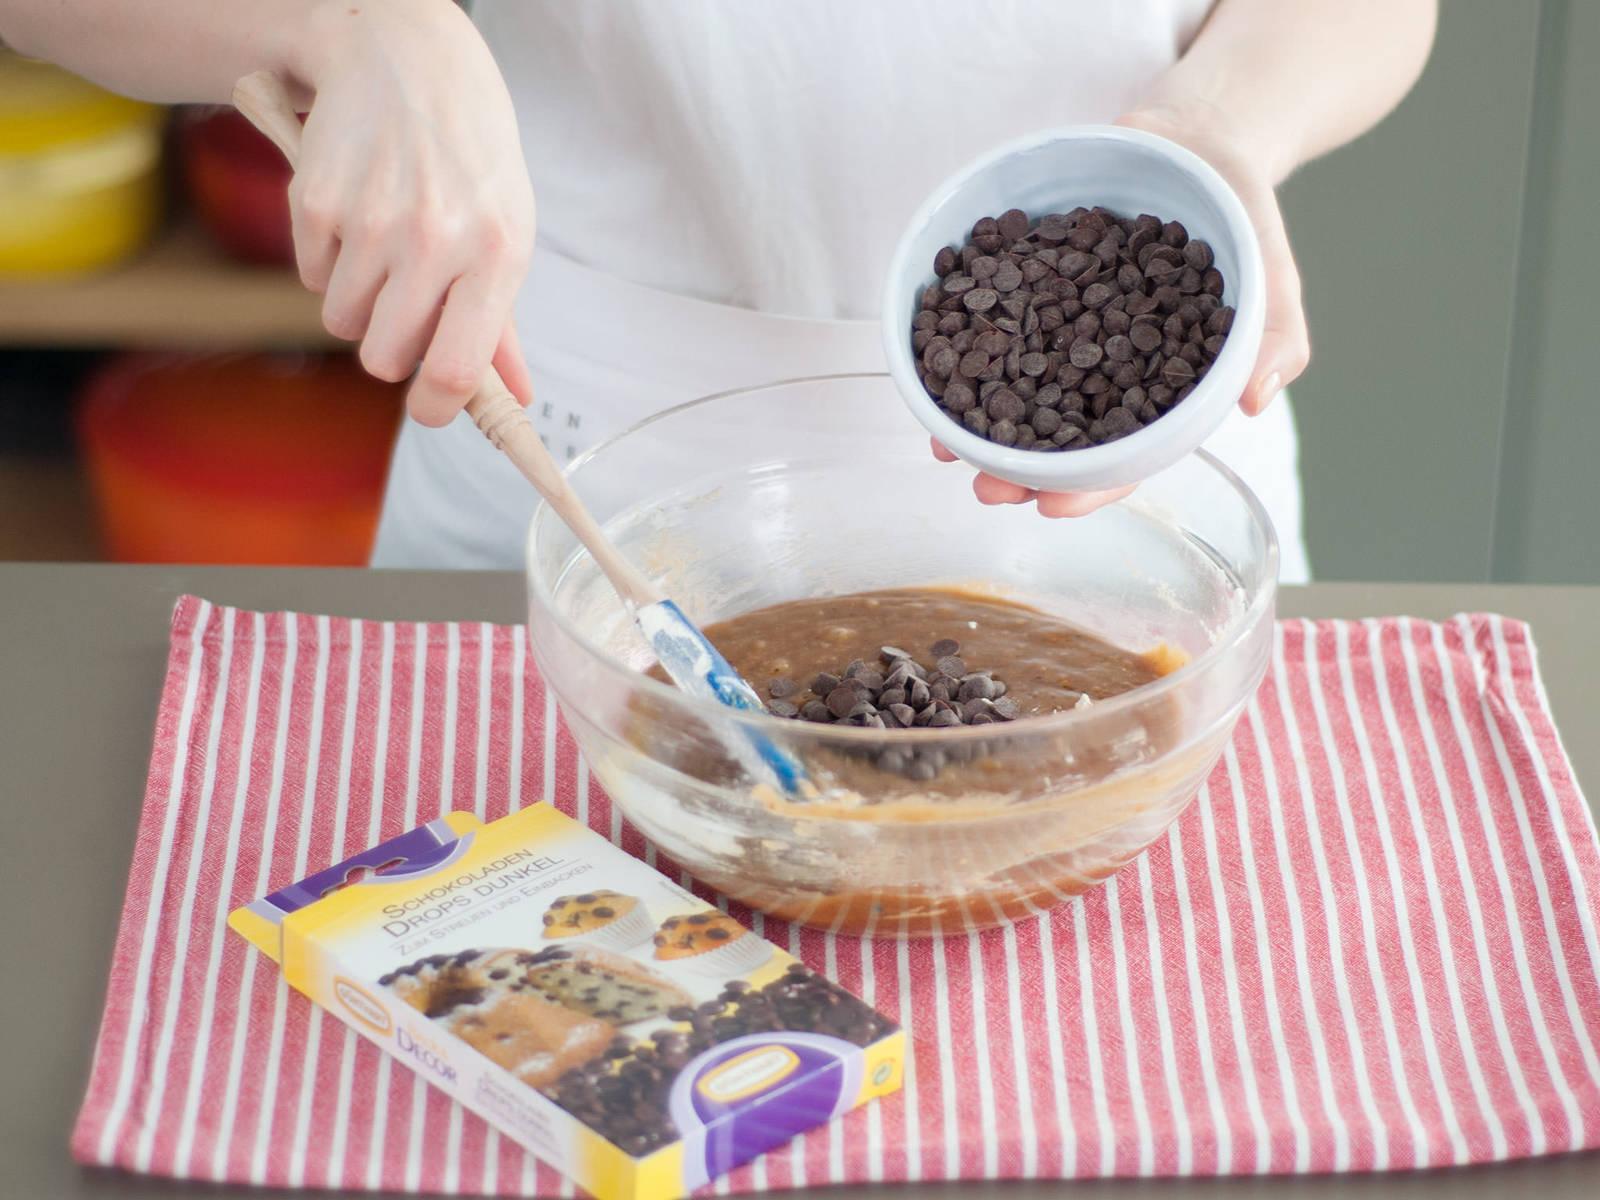 Schokolade hacken und zum Teig geben; alternativ Schokoladendrops verwenden. Gut vermengen.